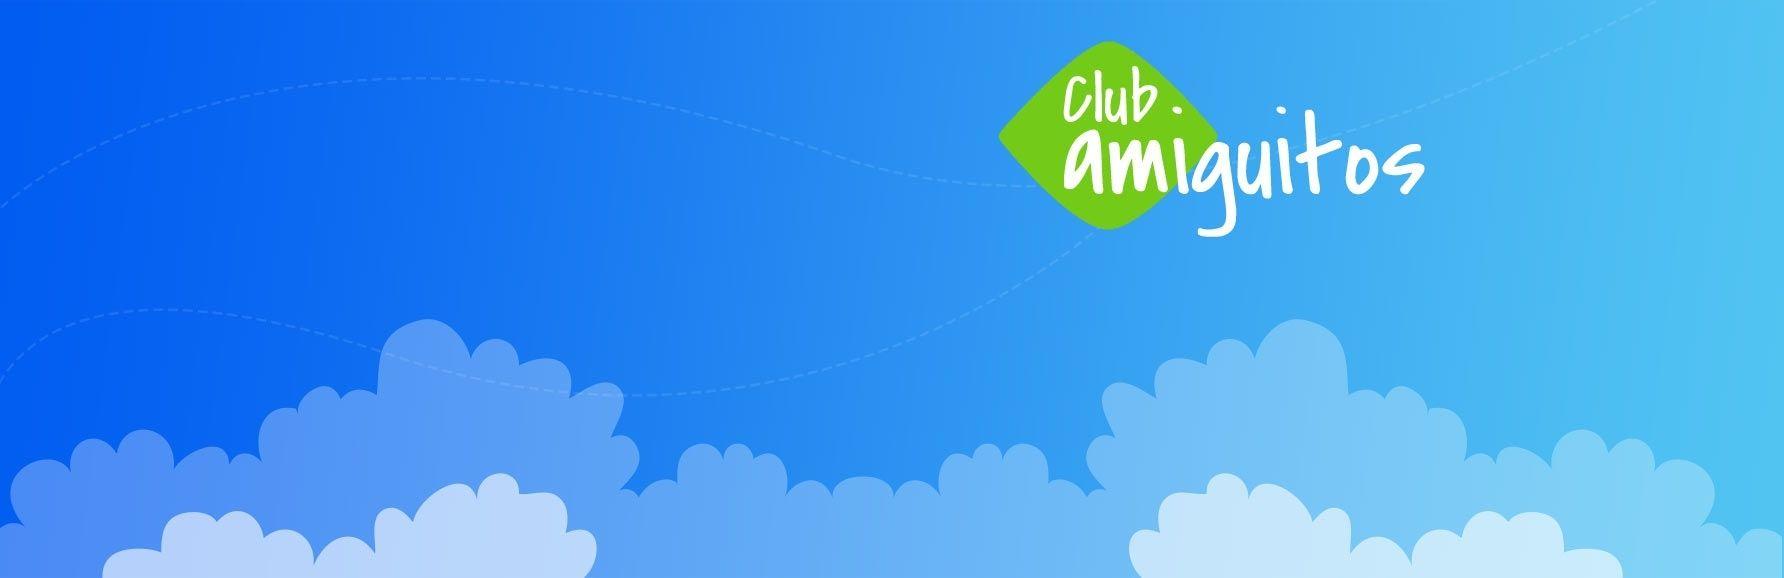 Club Amiguitos Ortocentro